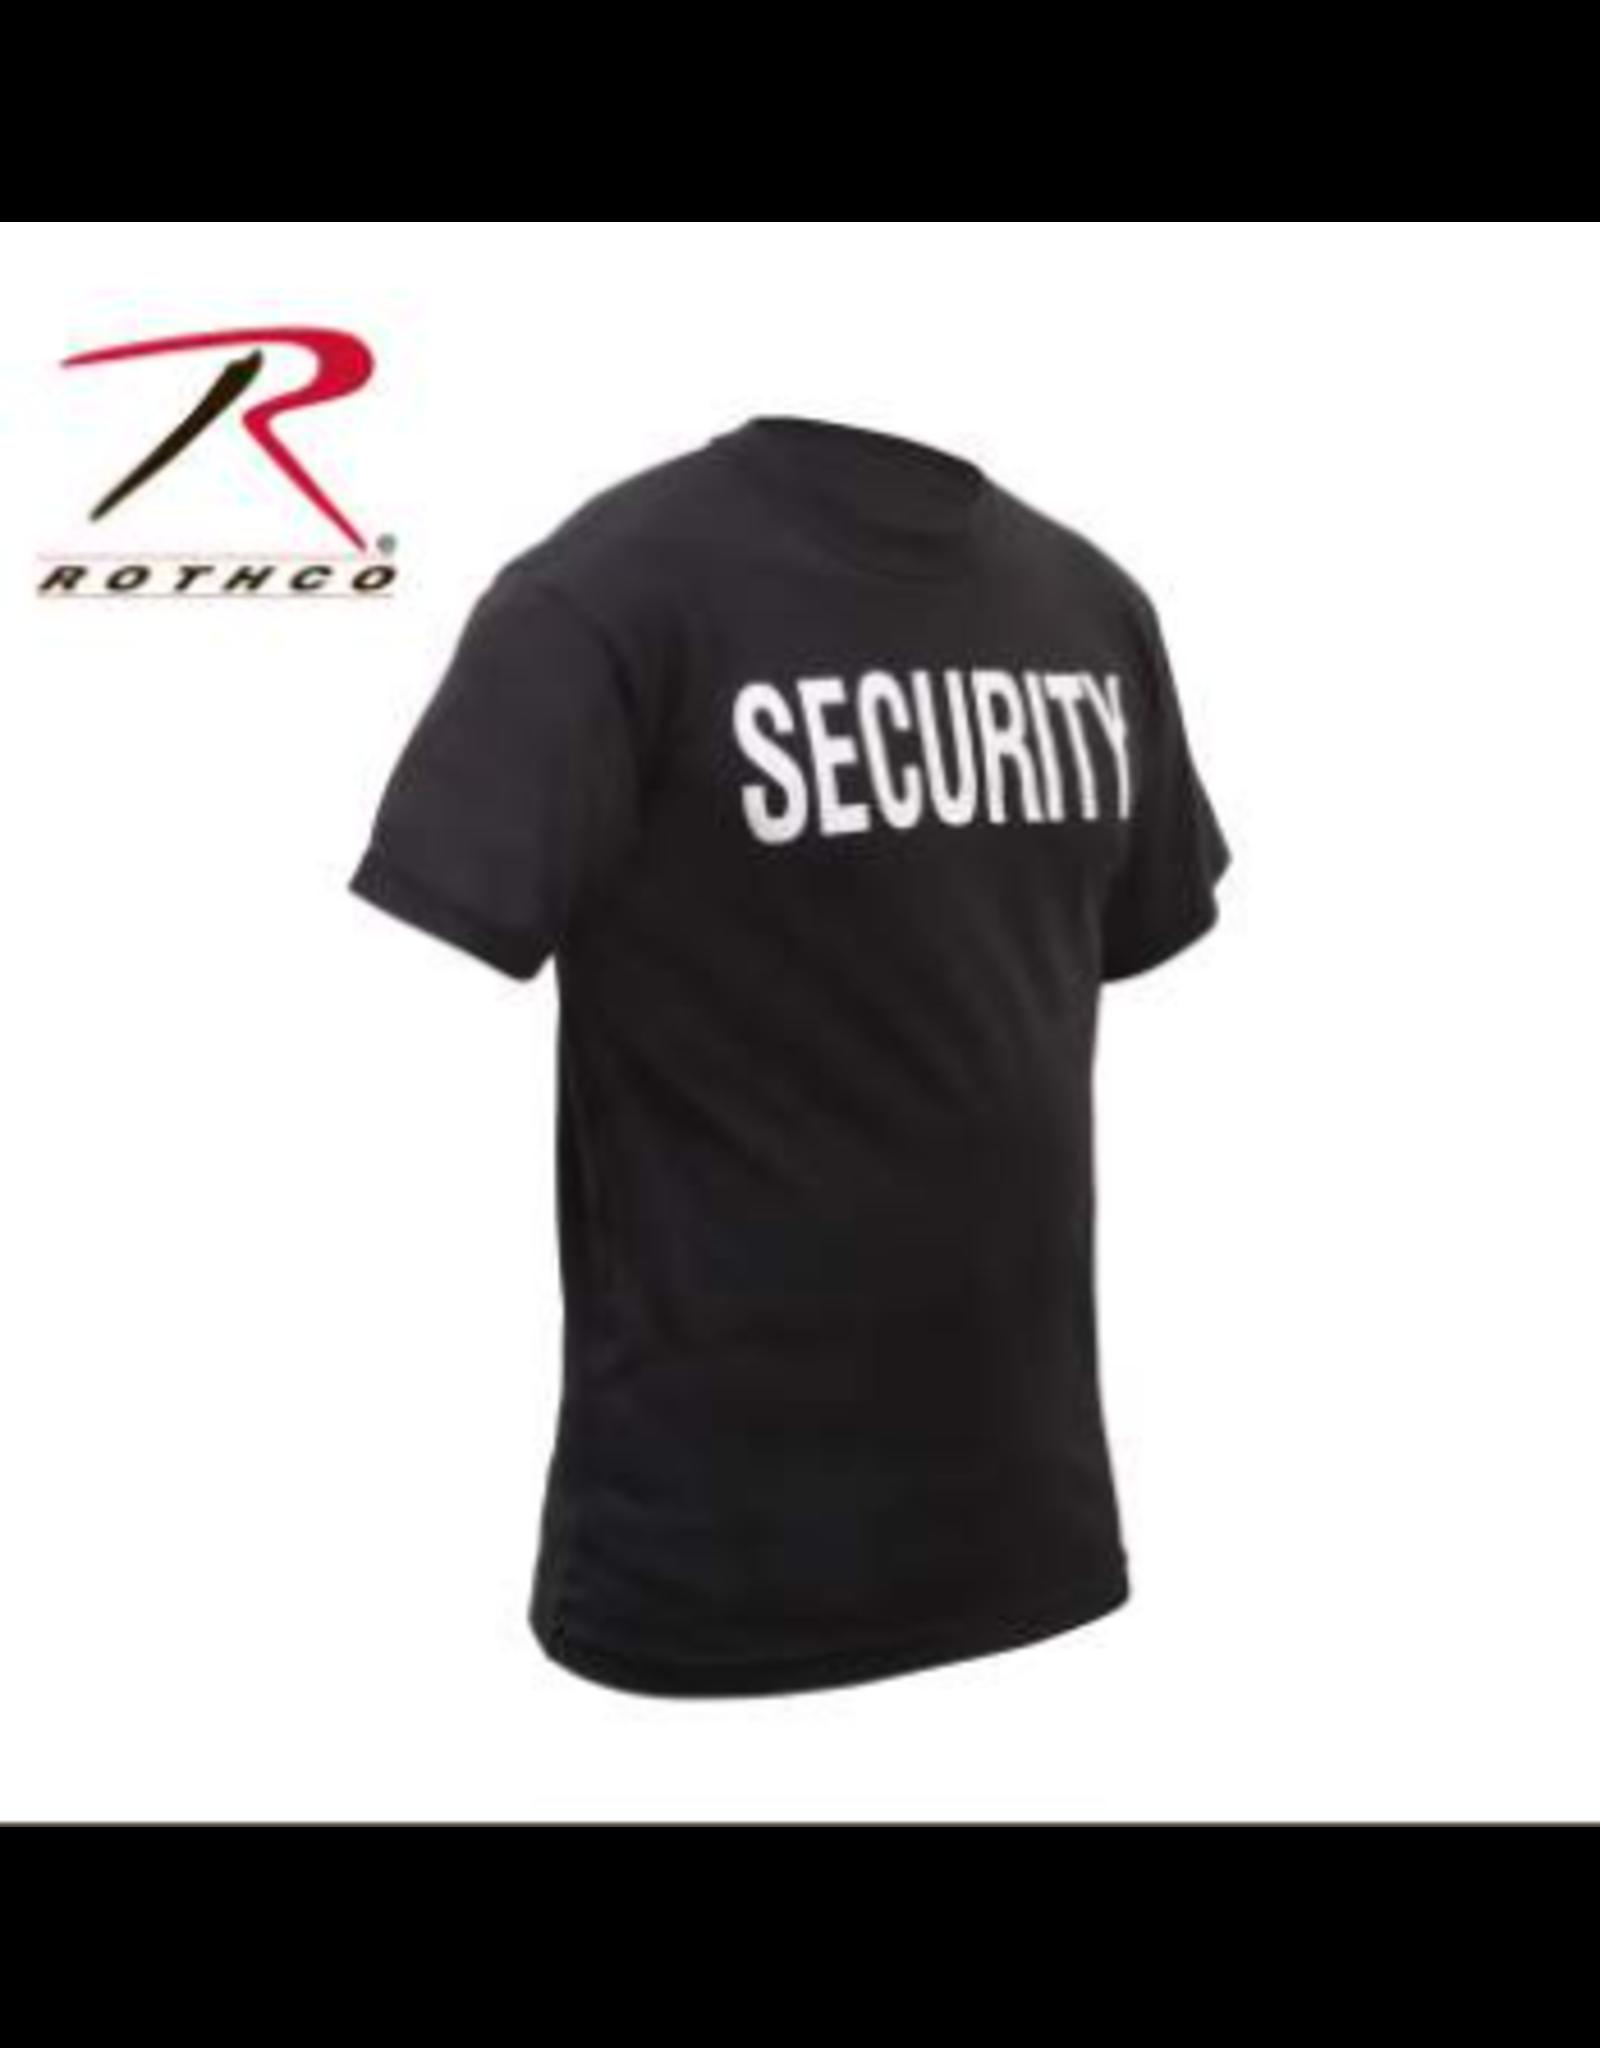 Rothco Rothco Security T-Shirt 2 XL